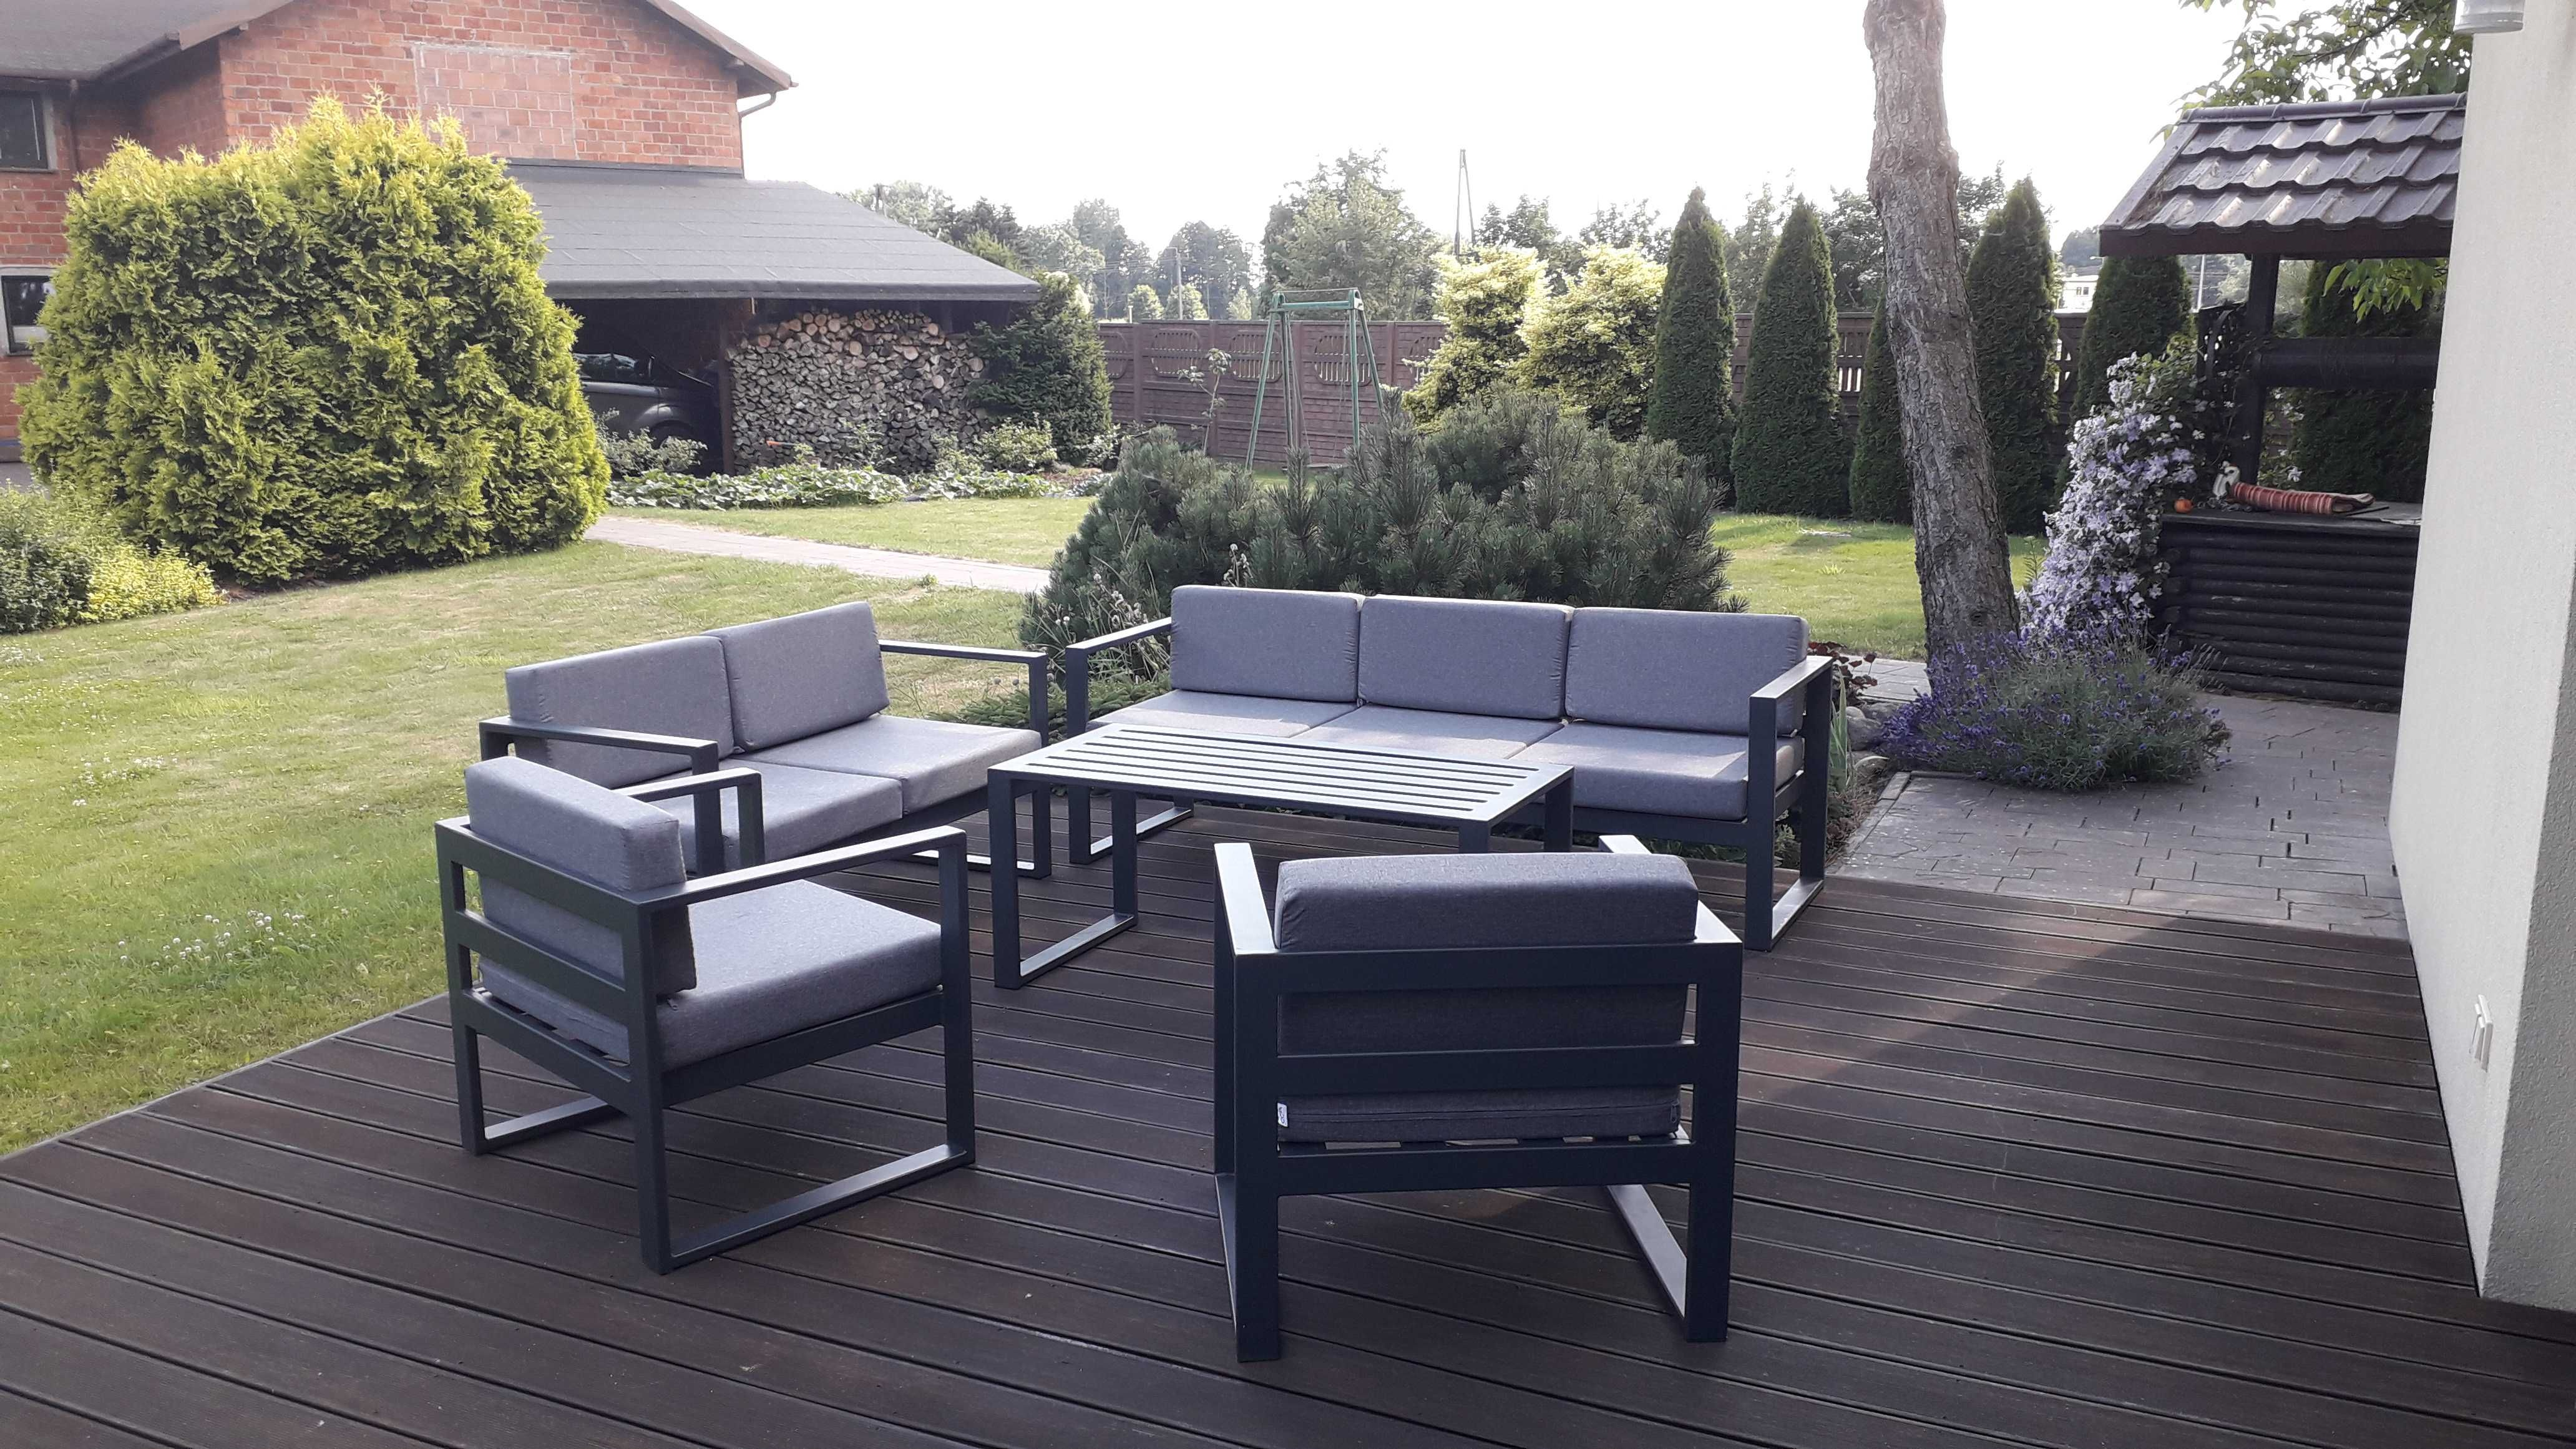 PROMOCJA zestaw mebli stalowych na ogród + poduszki / MEBLE ogrodowe